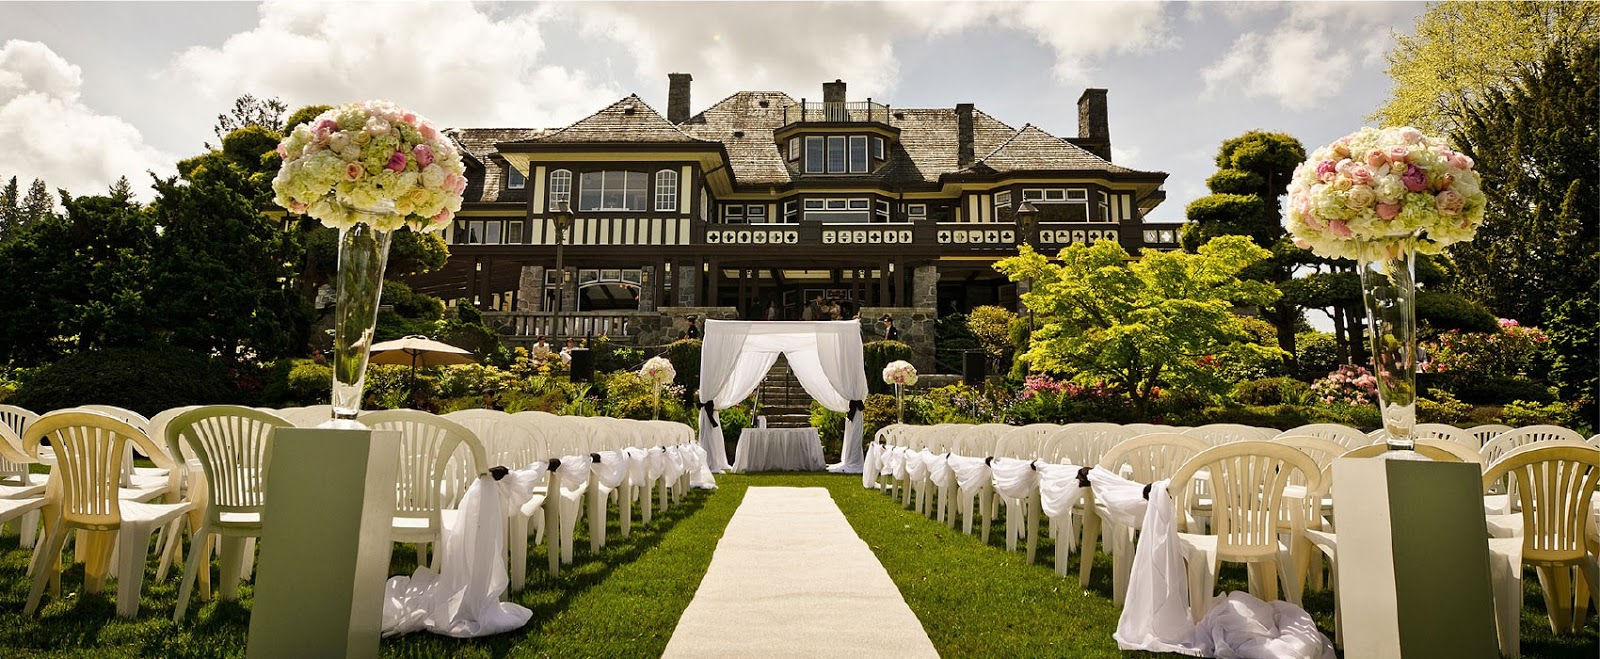 Ubc outdoor wedding